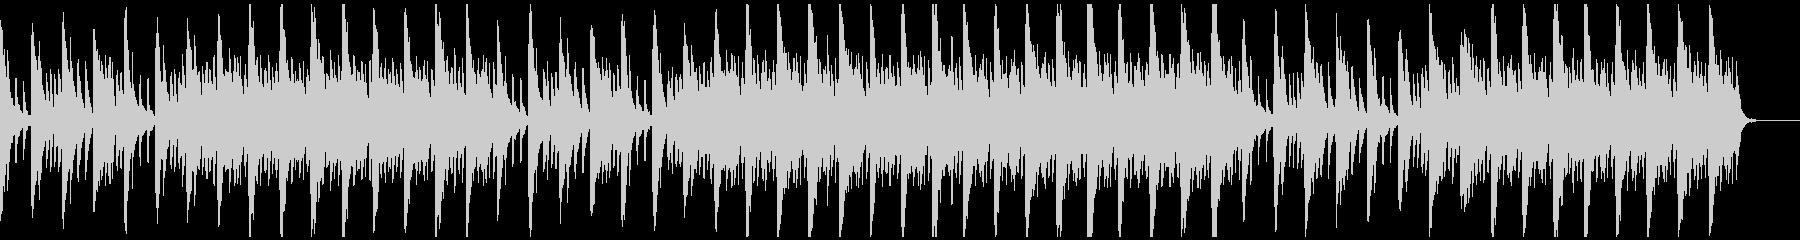 メロディとコードのシンプルなピアノ3の未再生の波形